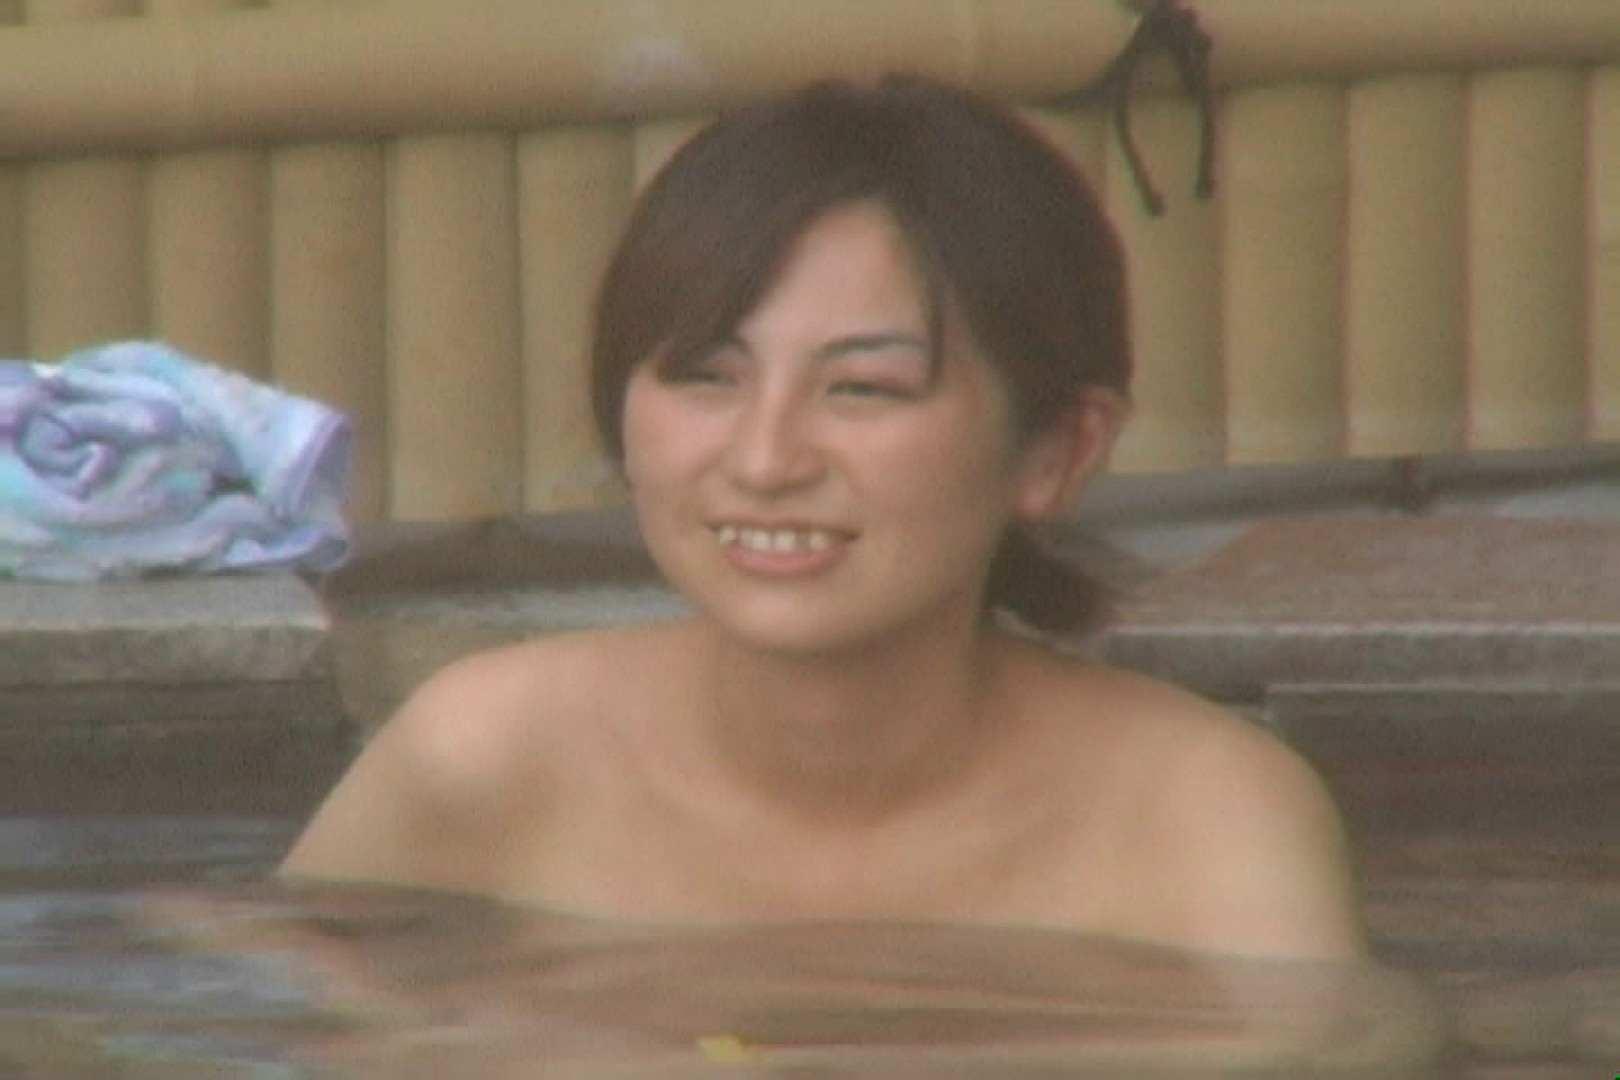 Aquaな露天風呂Vol.26【VIP】 露天 | 盗撮  59画像 37